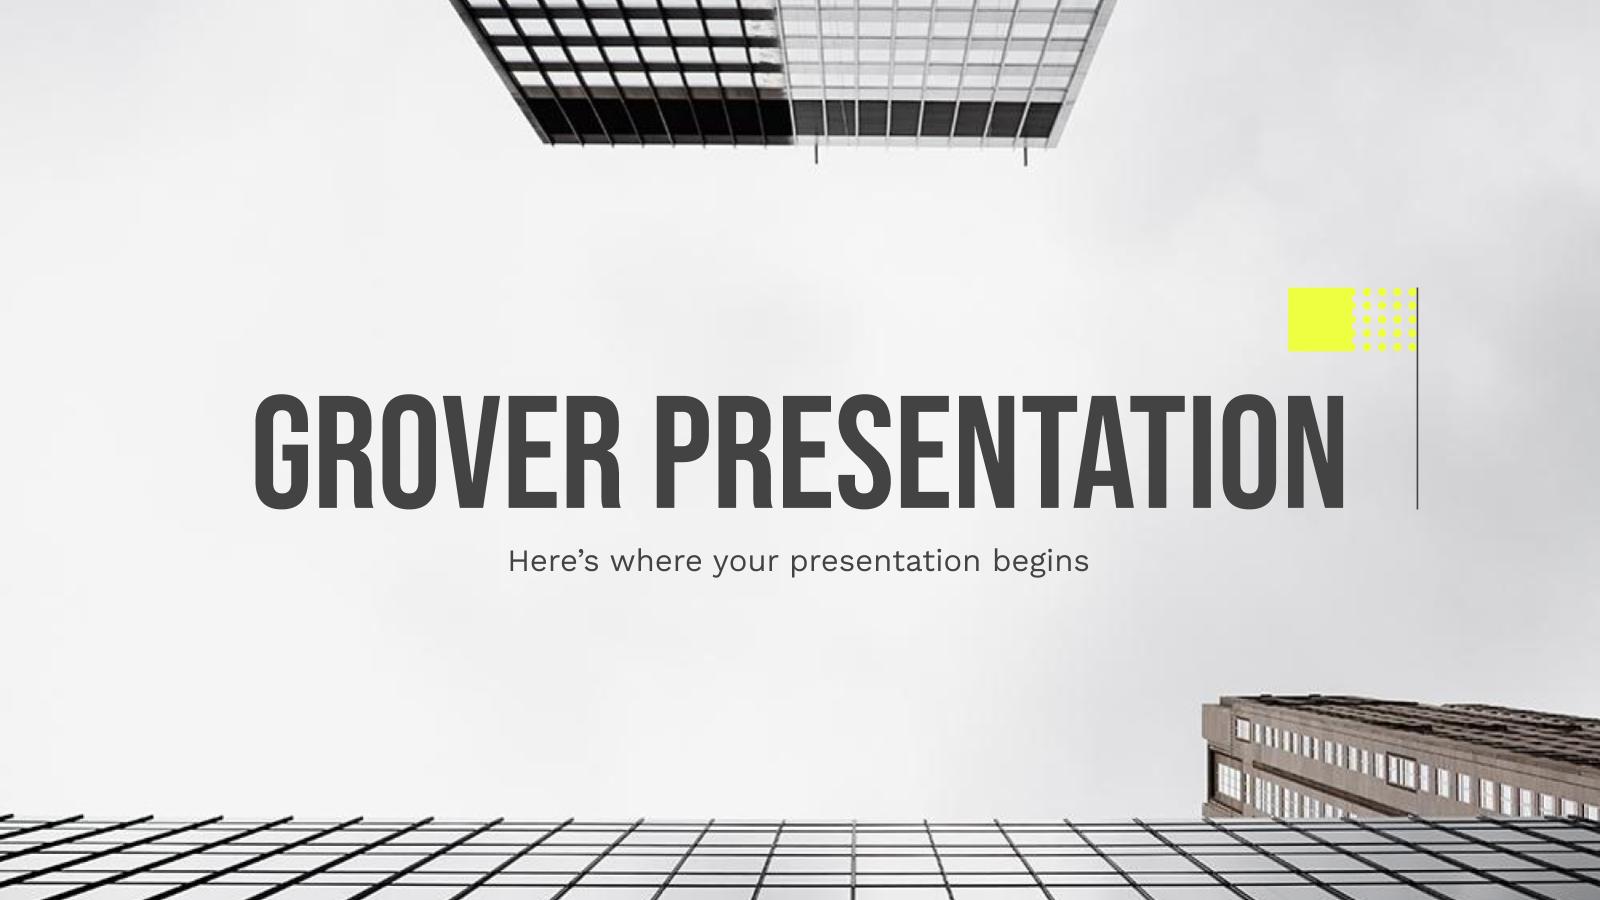 Plantilla de presentación Grover